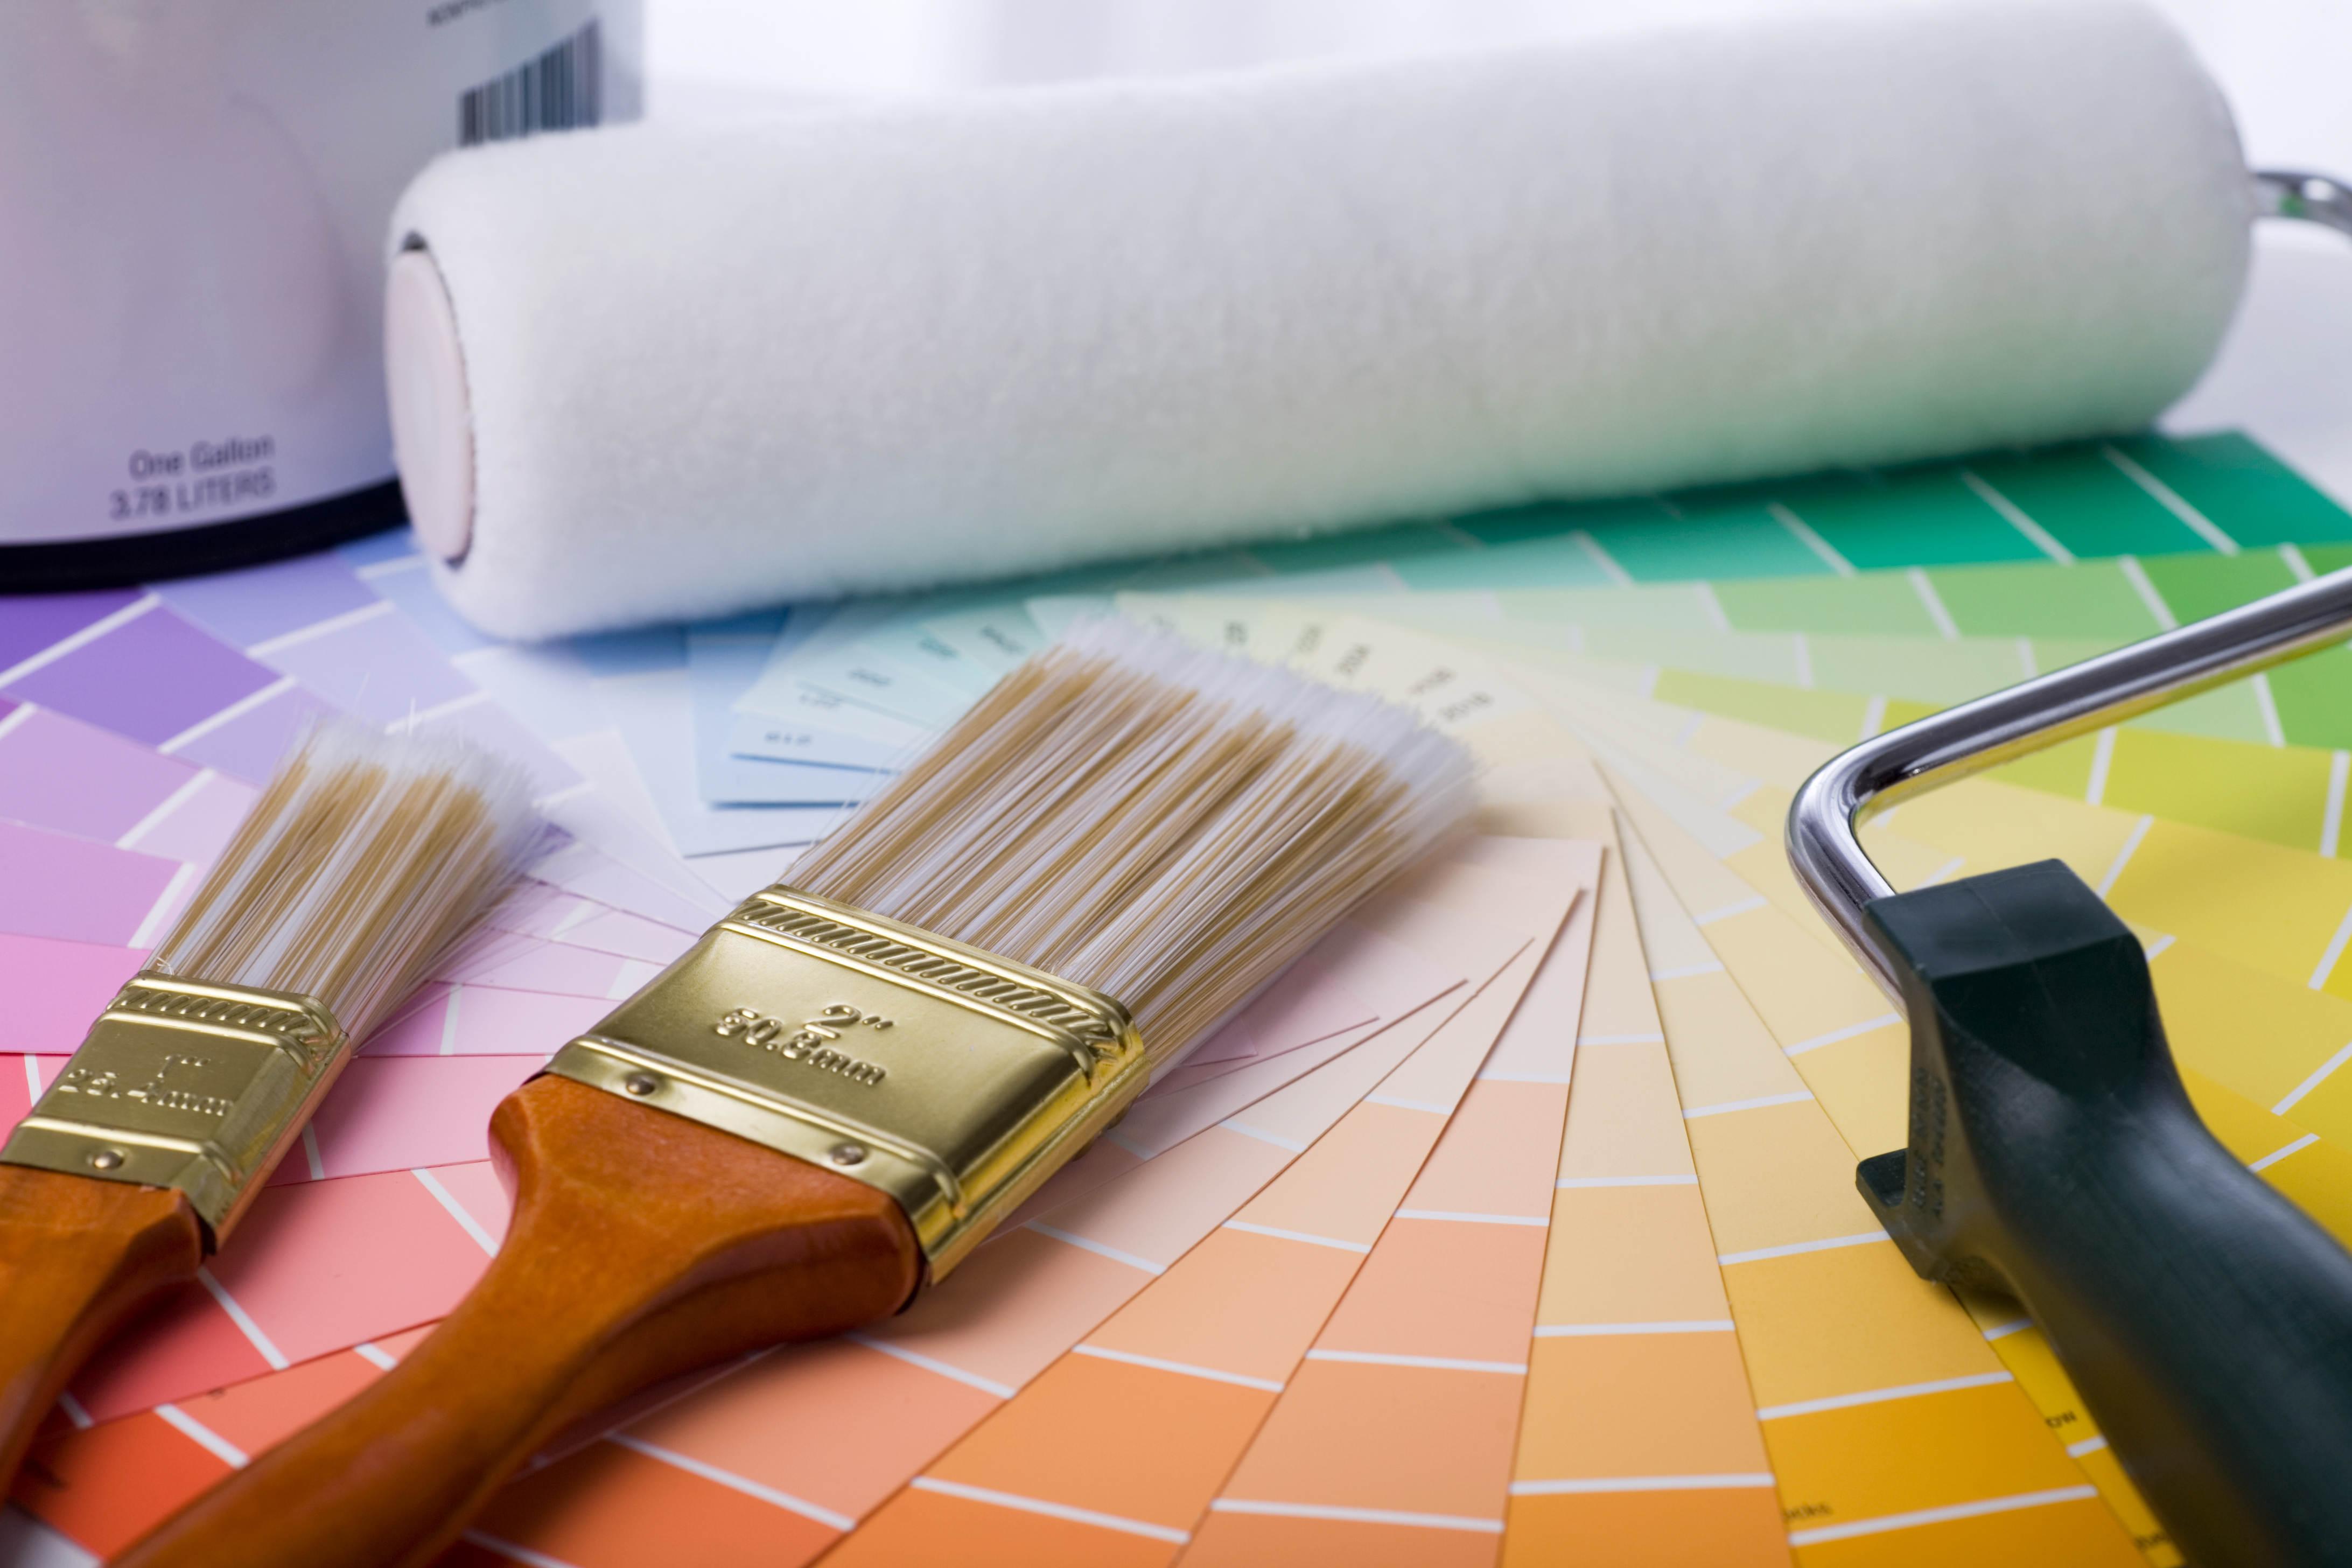 Картинка ремонт и дизайна